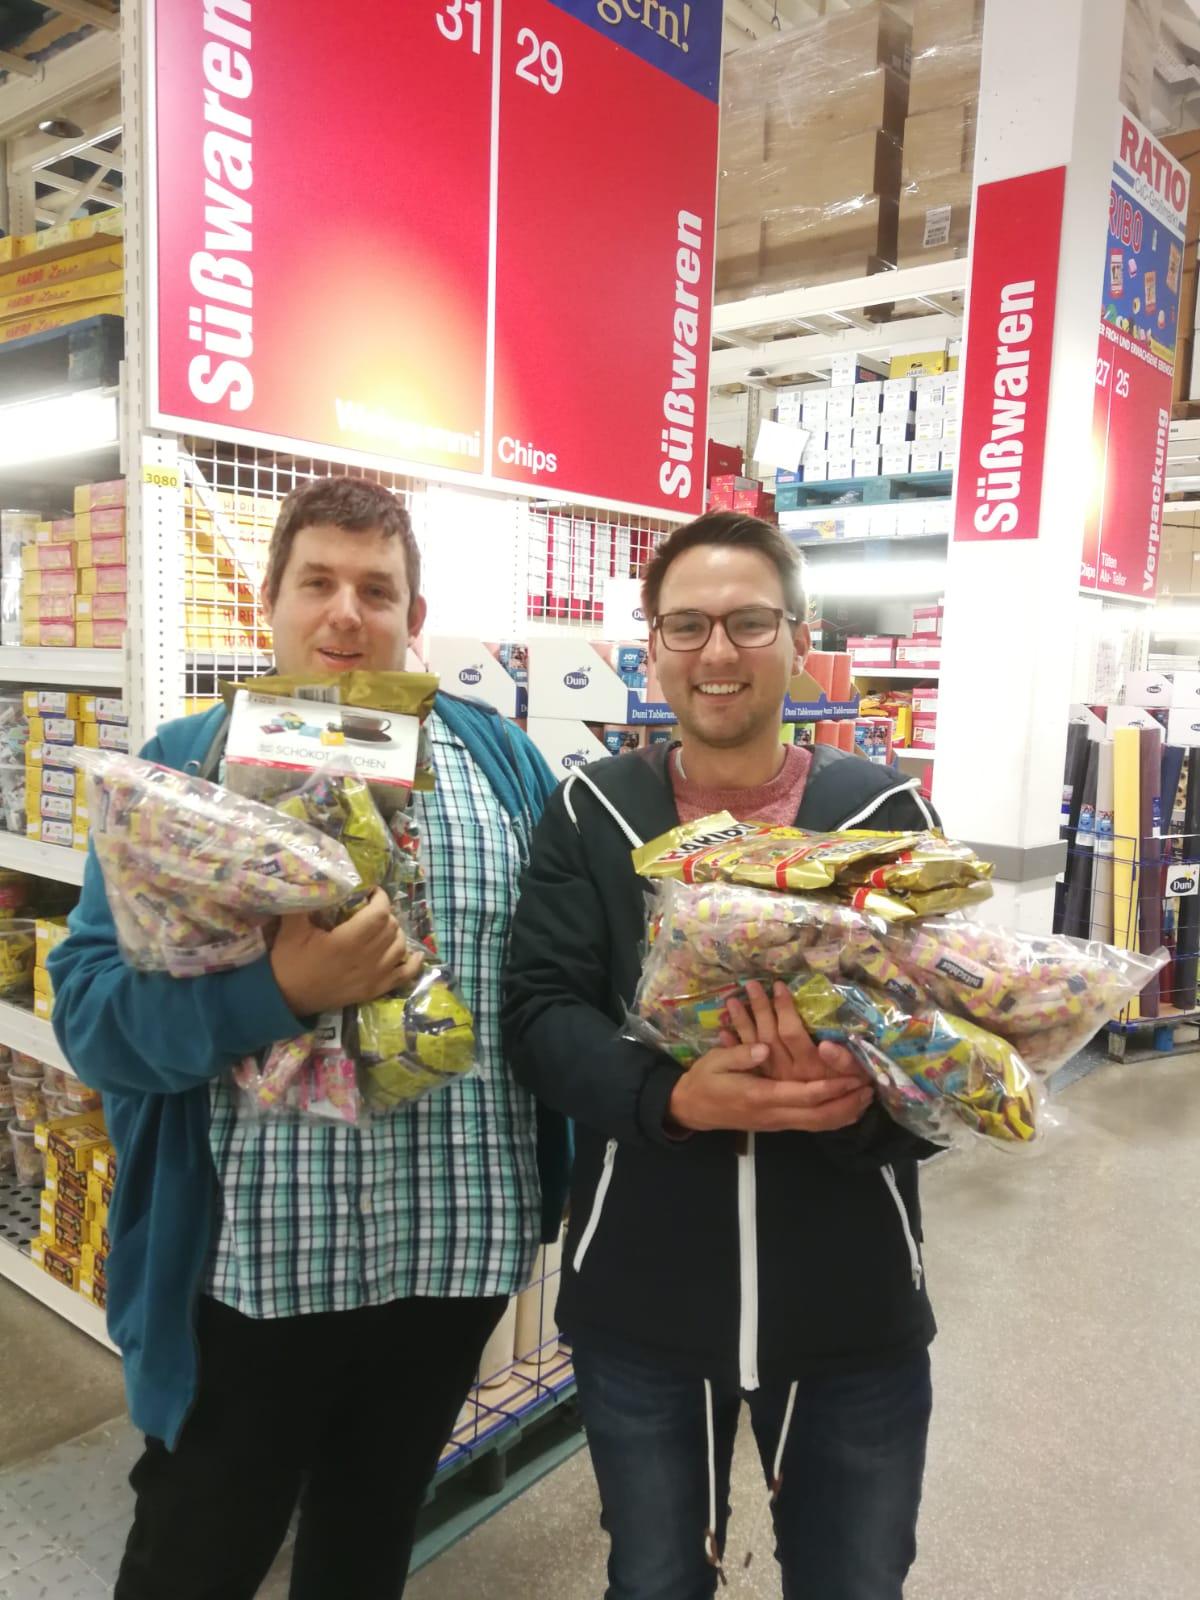 (Maiabendfest 2019) Einkauf von Bonbons für den Umzug - ich (Jens Matheuszik) und David Schnell beim Einkauf...